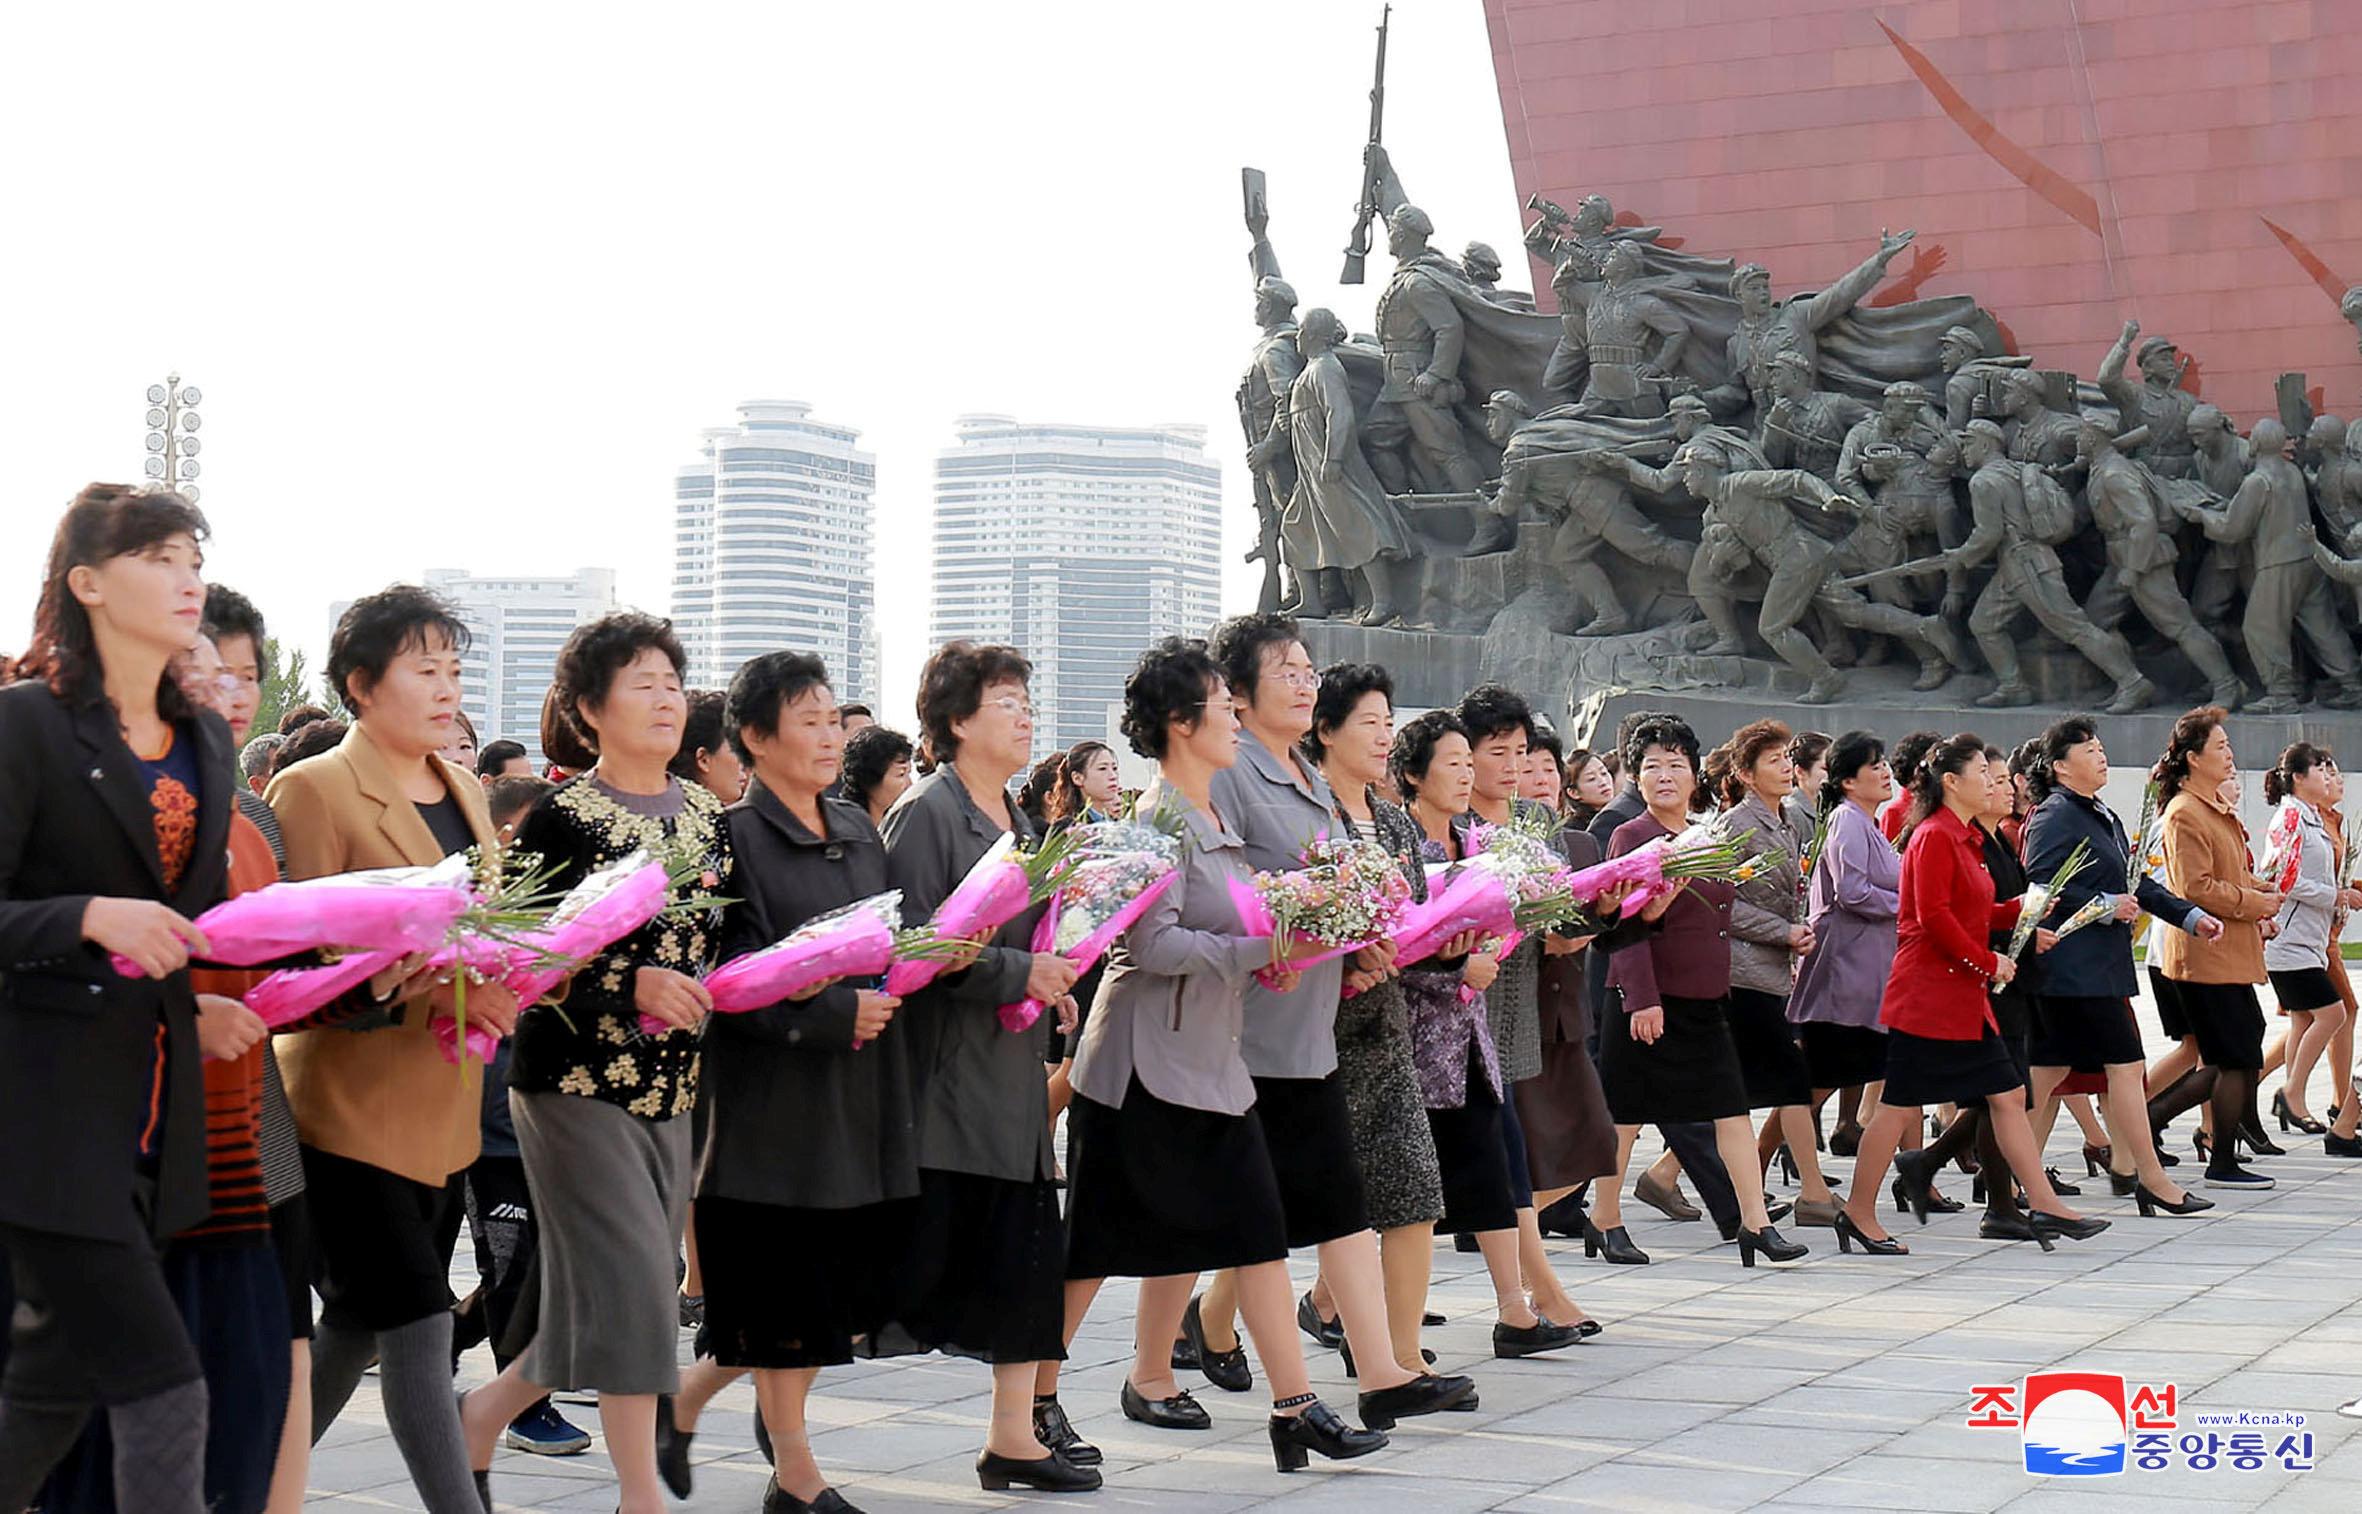 مواطنات كوريا الشمالية يحملون الورود أمام النصب التذكارى لمؤسس كوريا الشمالية